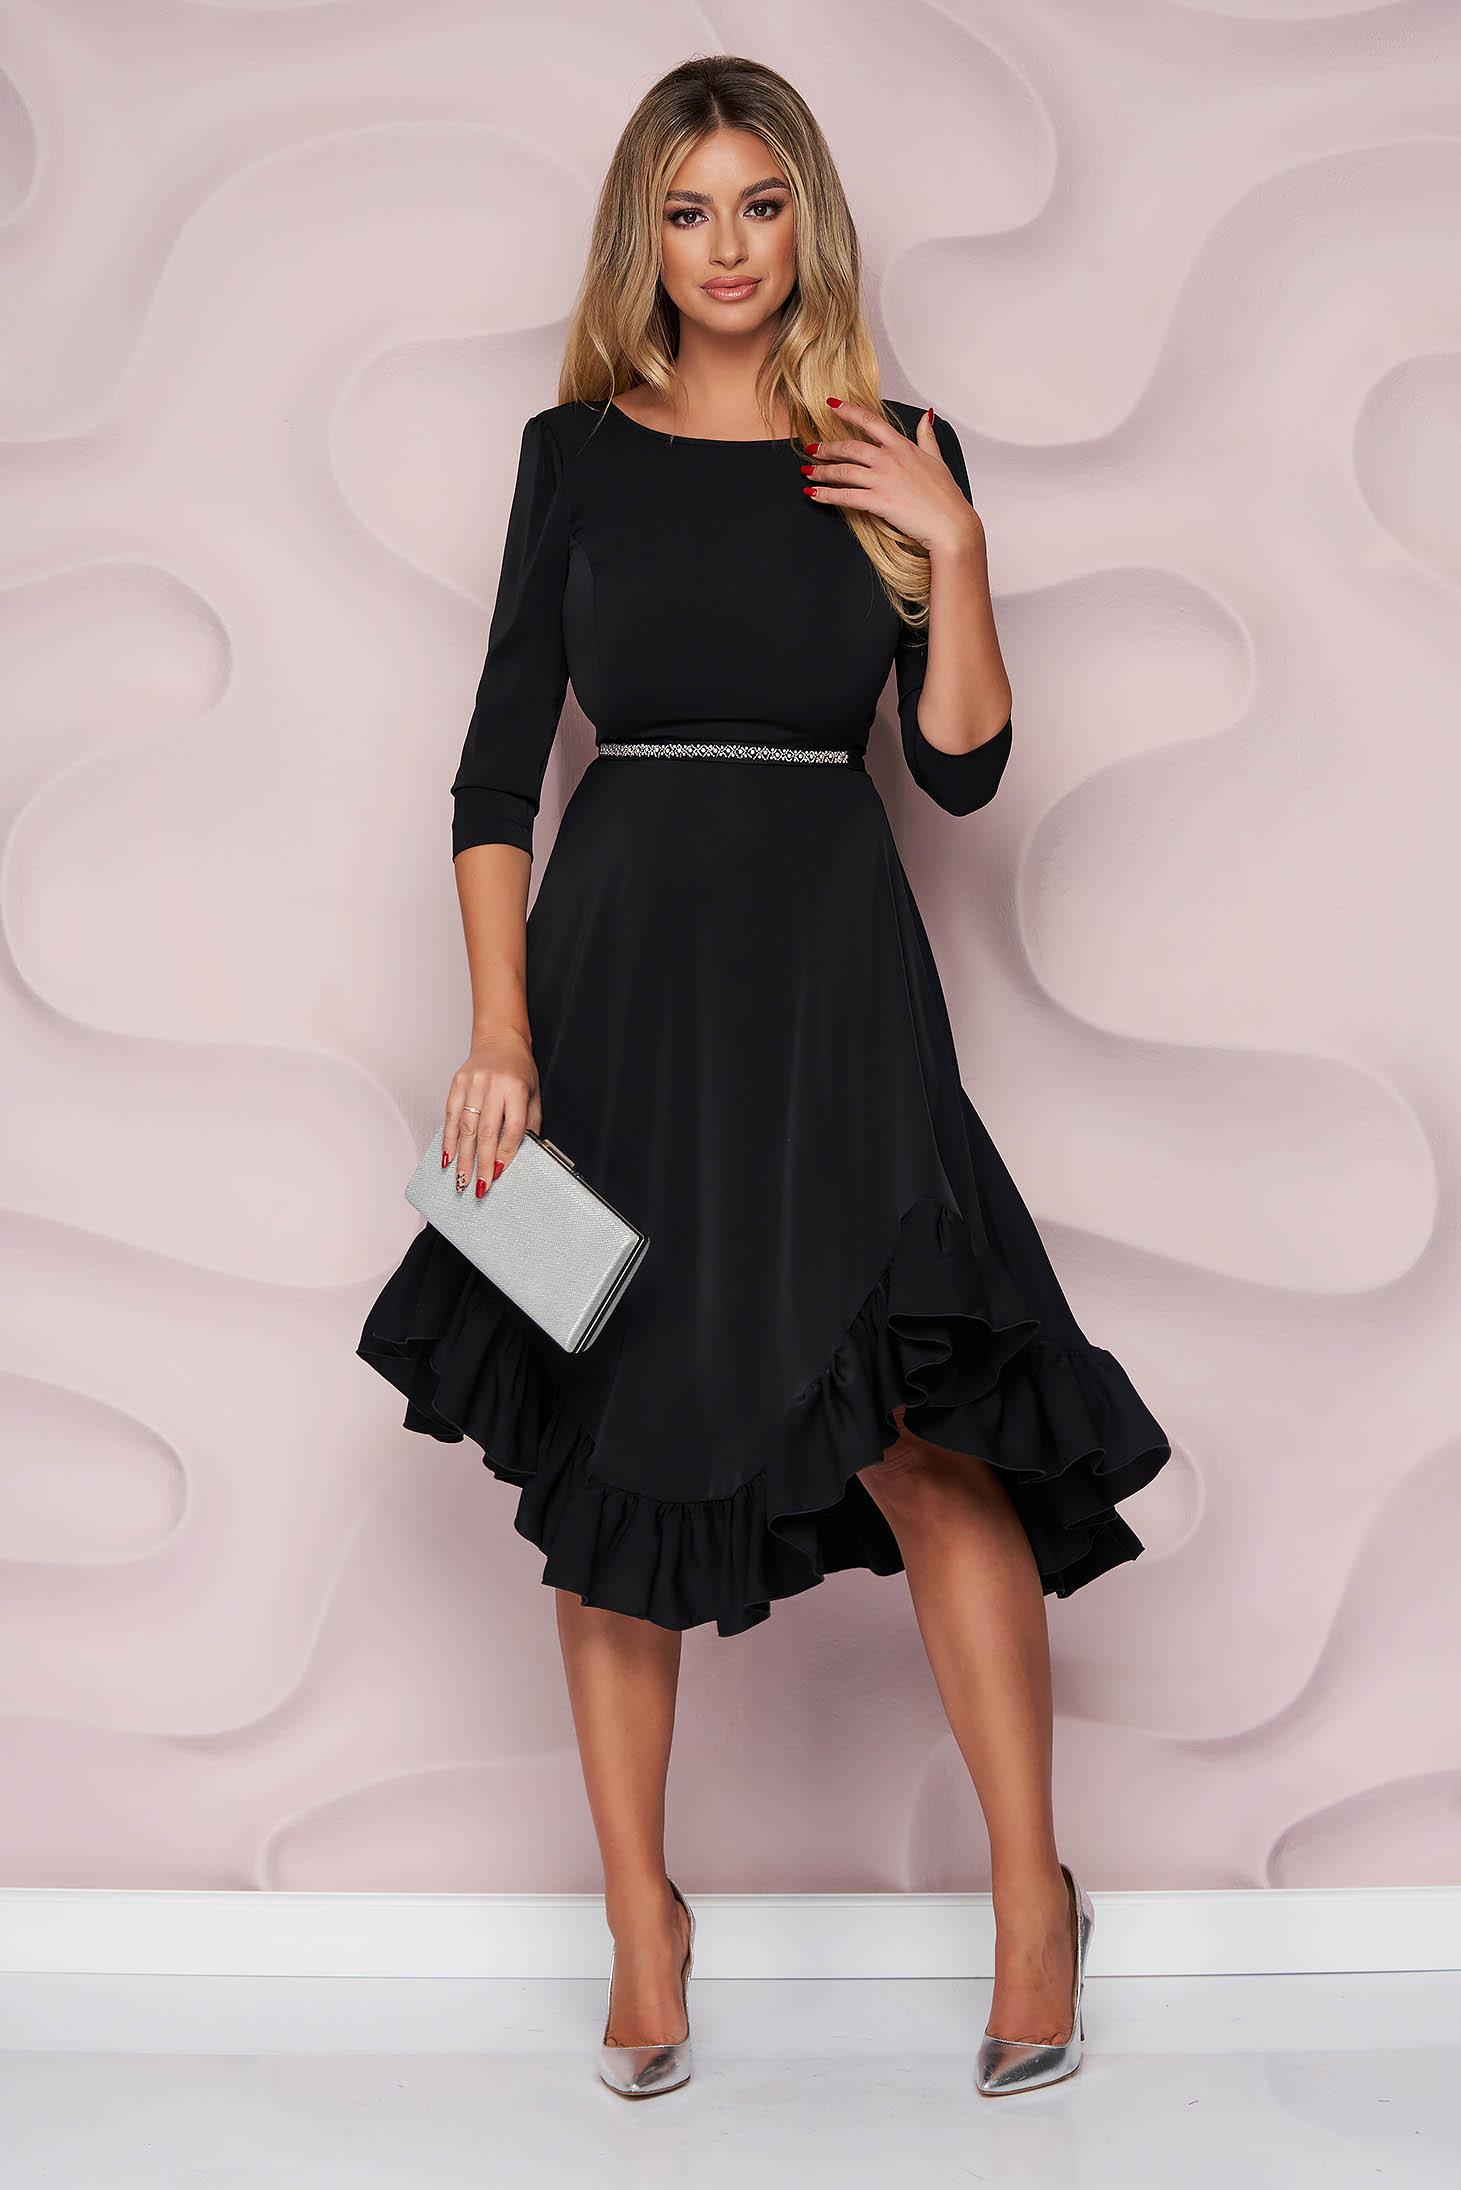 Fekete StarShinerS alkalmi aszimetrikus harang ruha vékony merevitett anyagból ruha alján fodrokkal